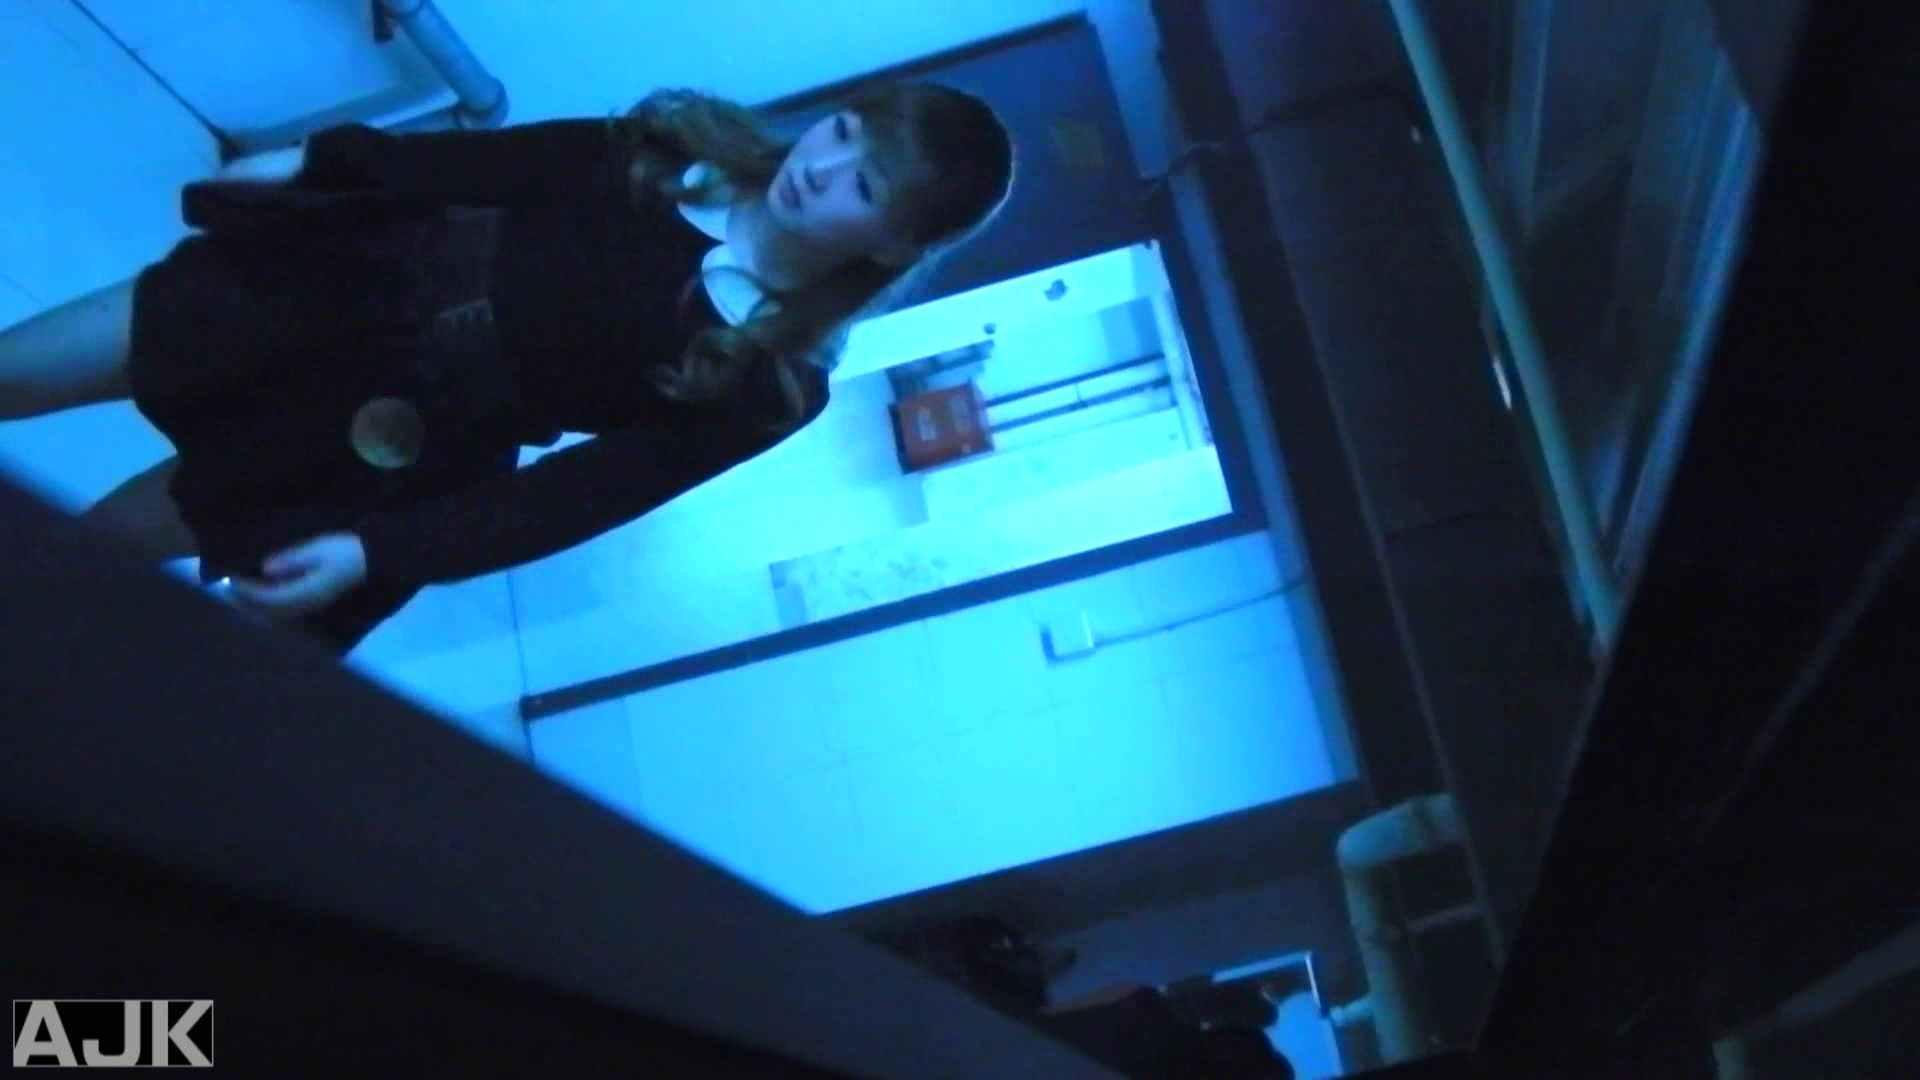 神降臨!史上最強の潜入かわや! vol.24 美女 エロ無料画像 87連発 54